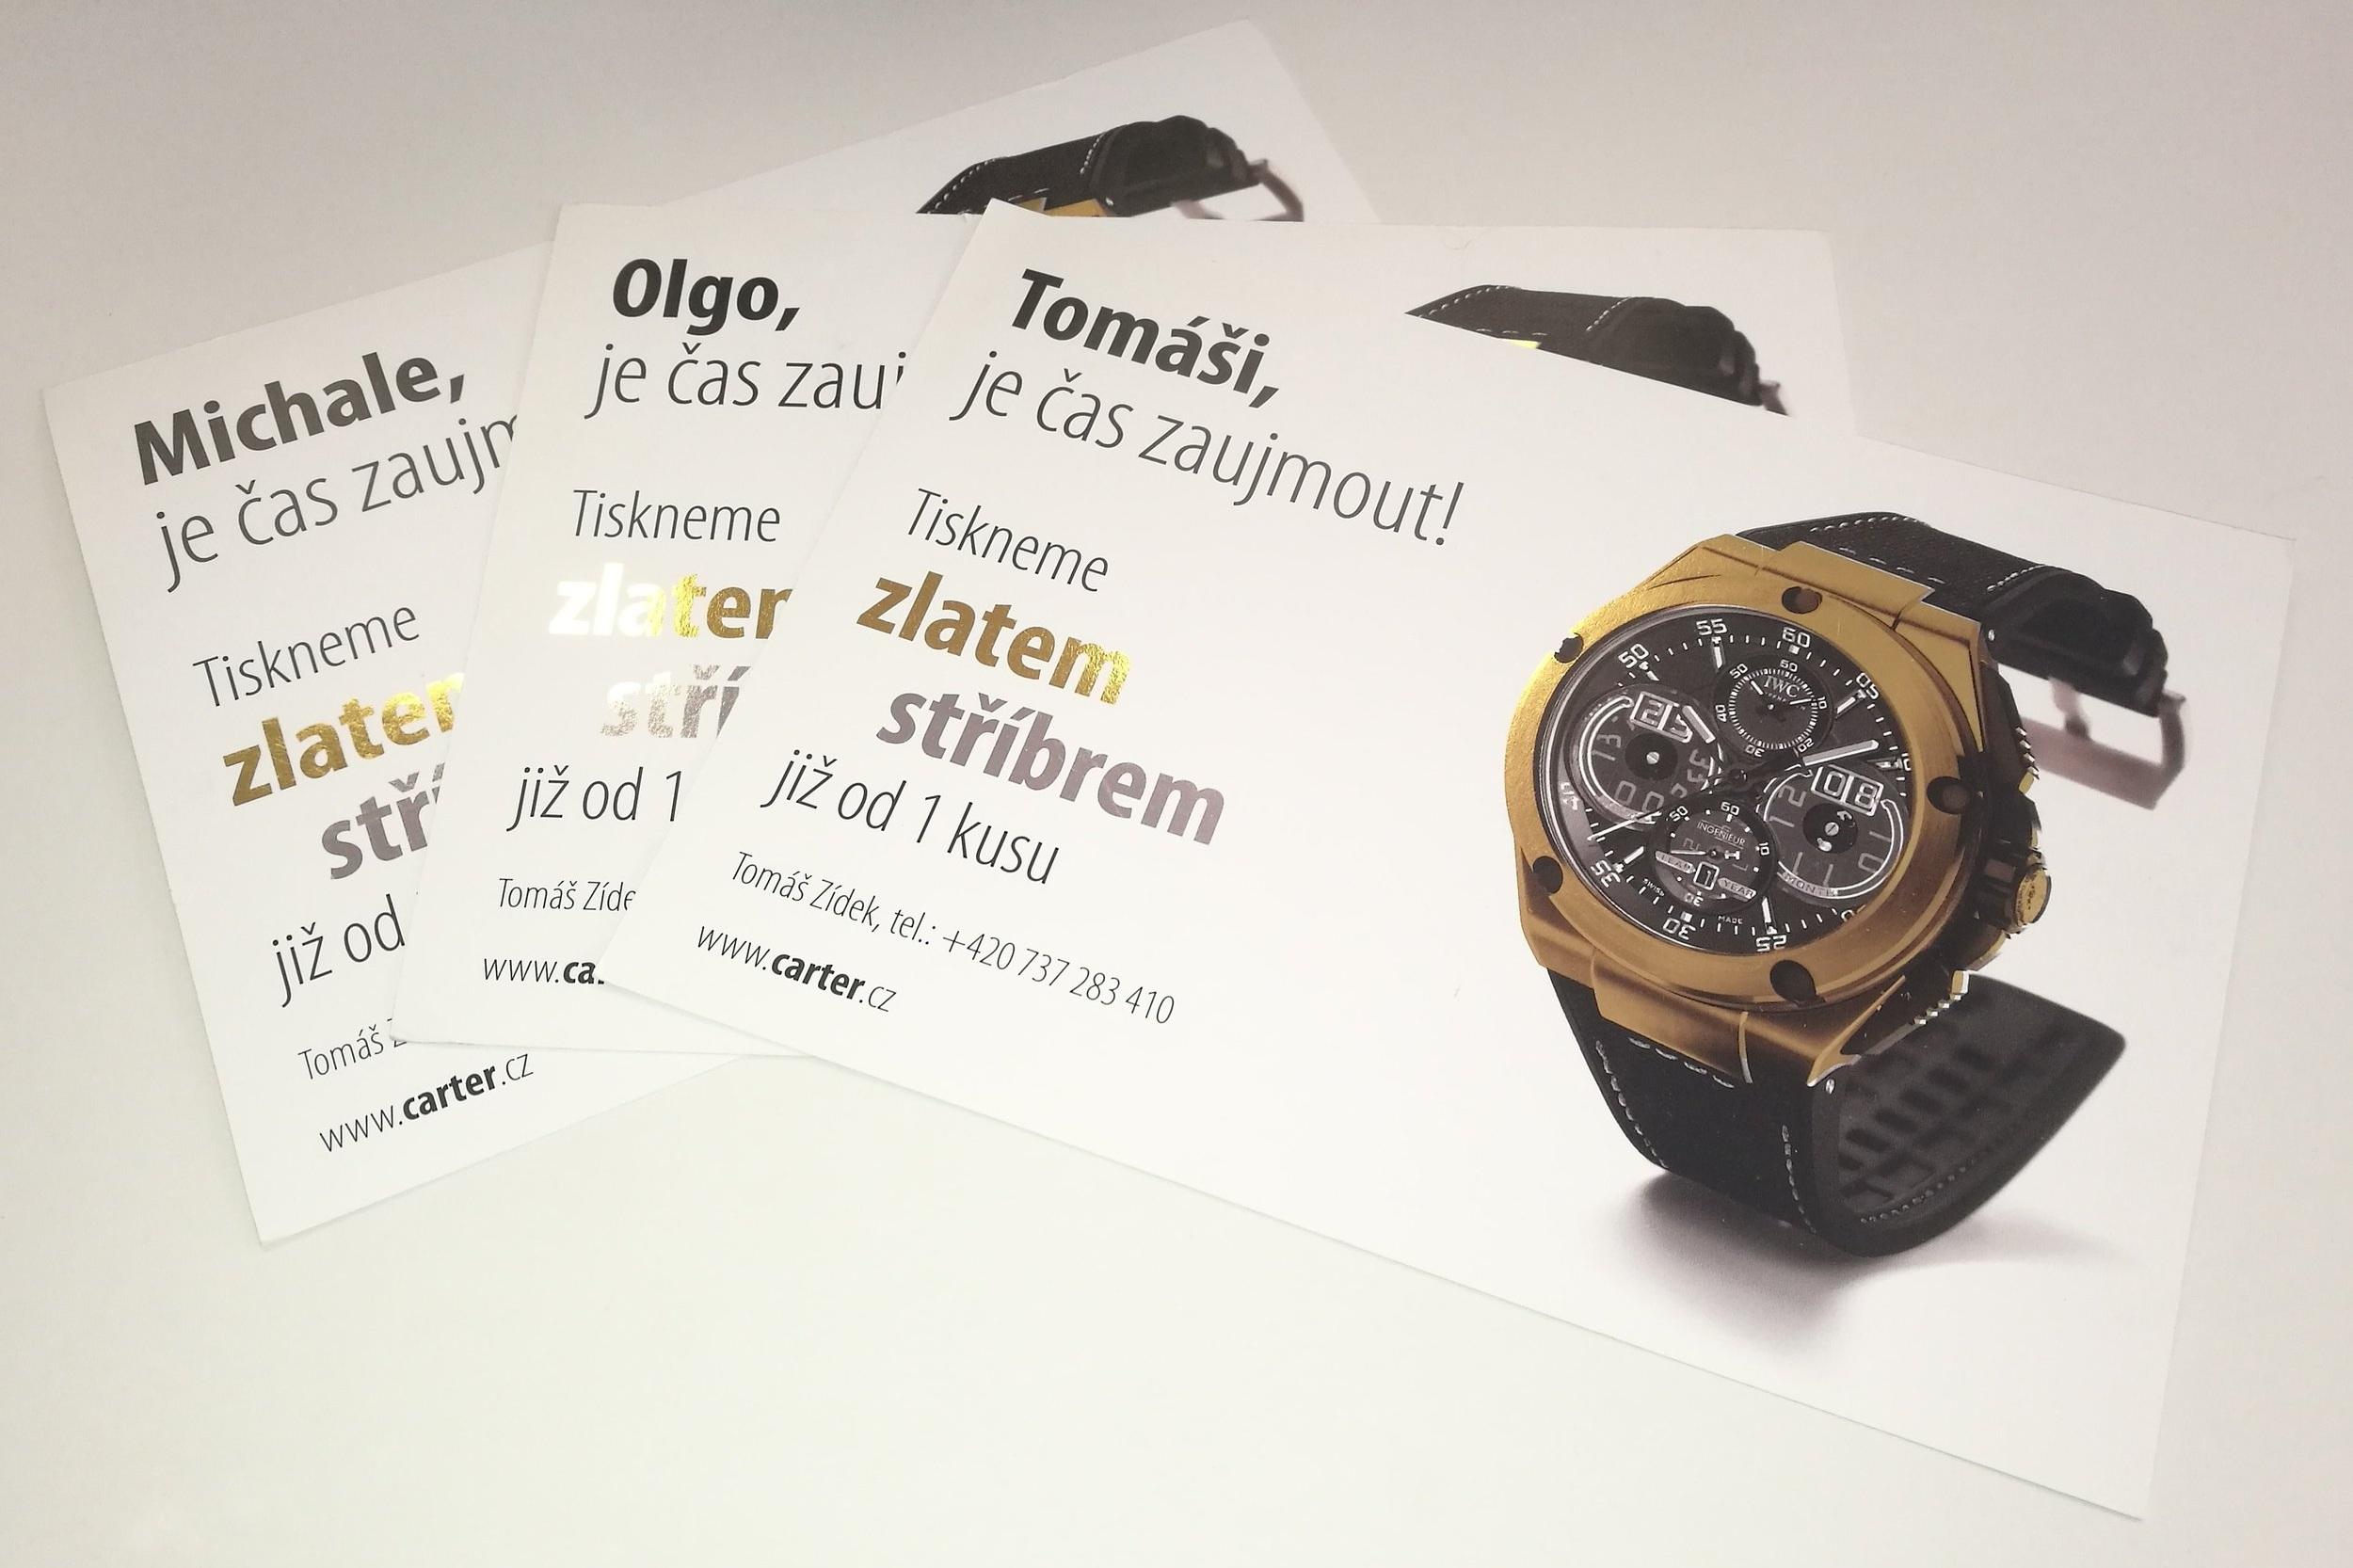 Personalizované letáky - Reklamní letáky se zlatou ražbou. Každý leták začínal personalizovaným oslovením.